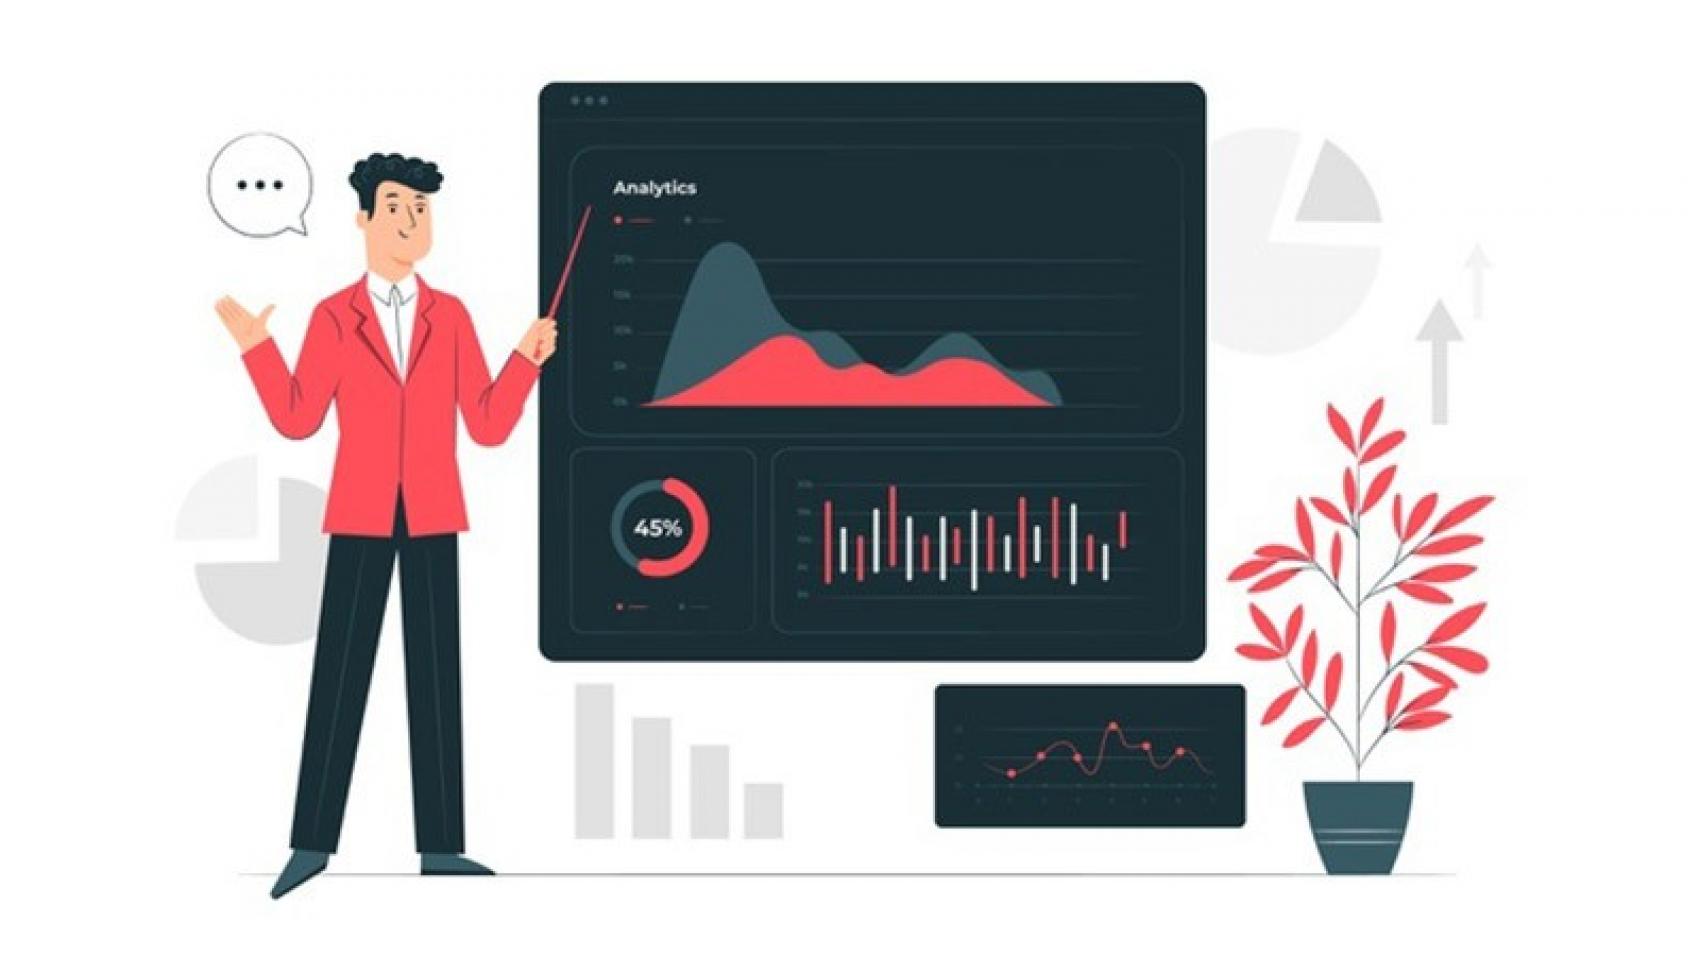 Лучшие инструменты для бизнес-анализа